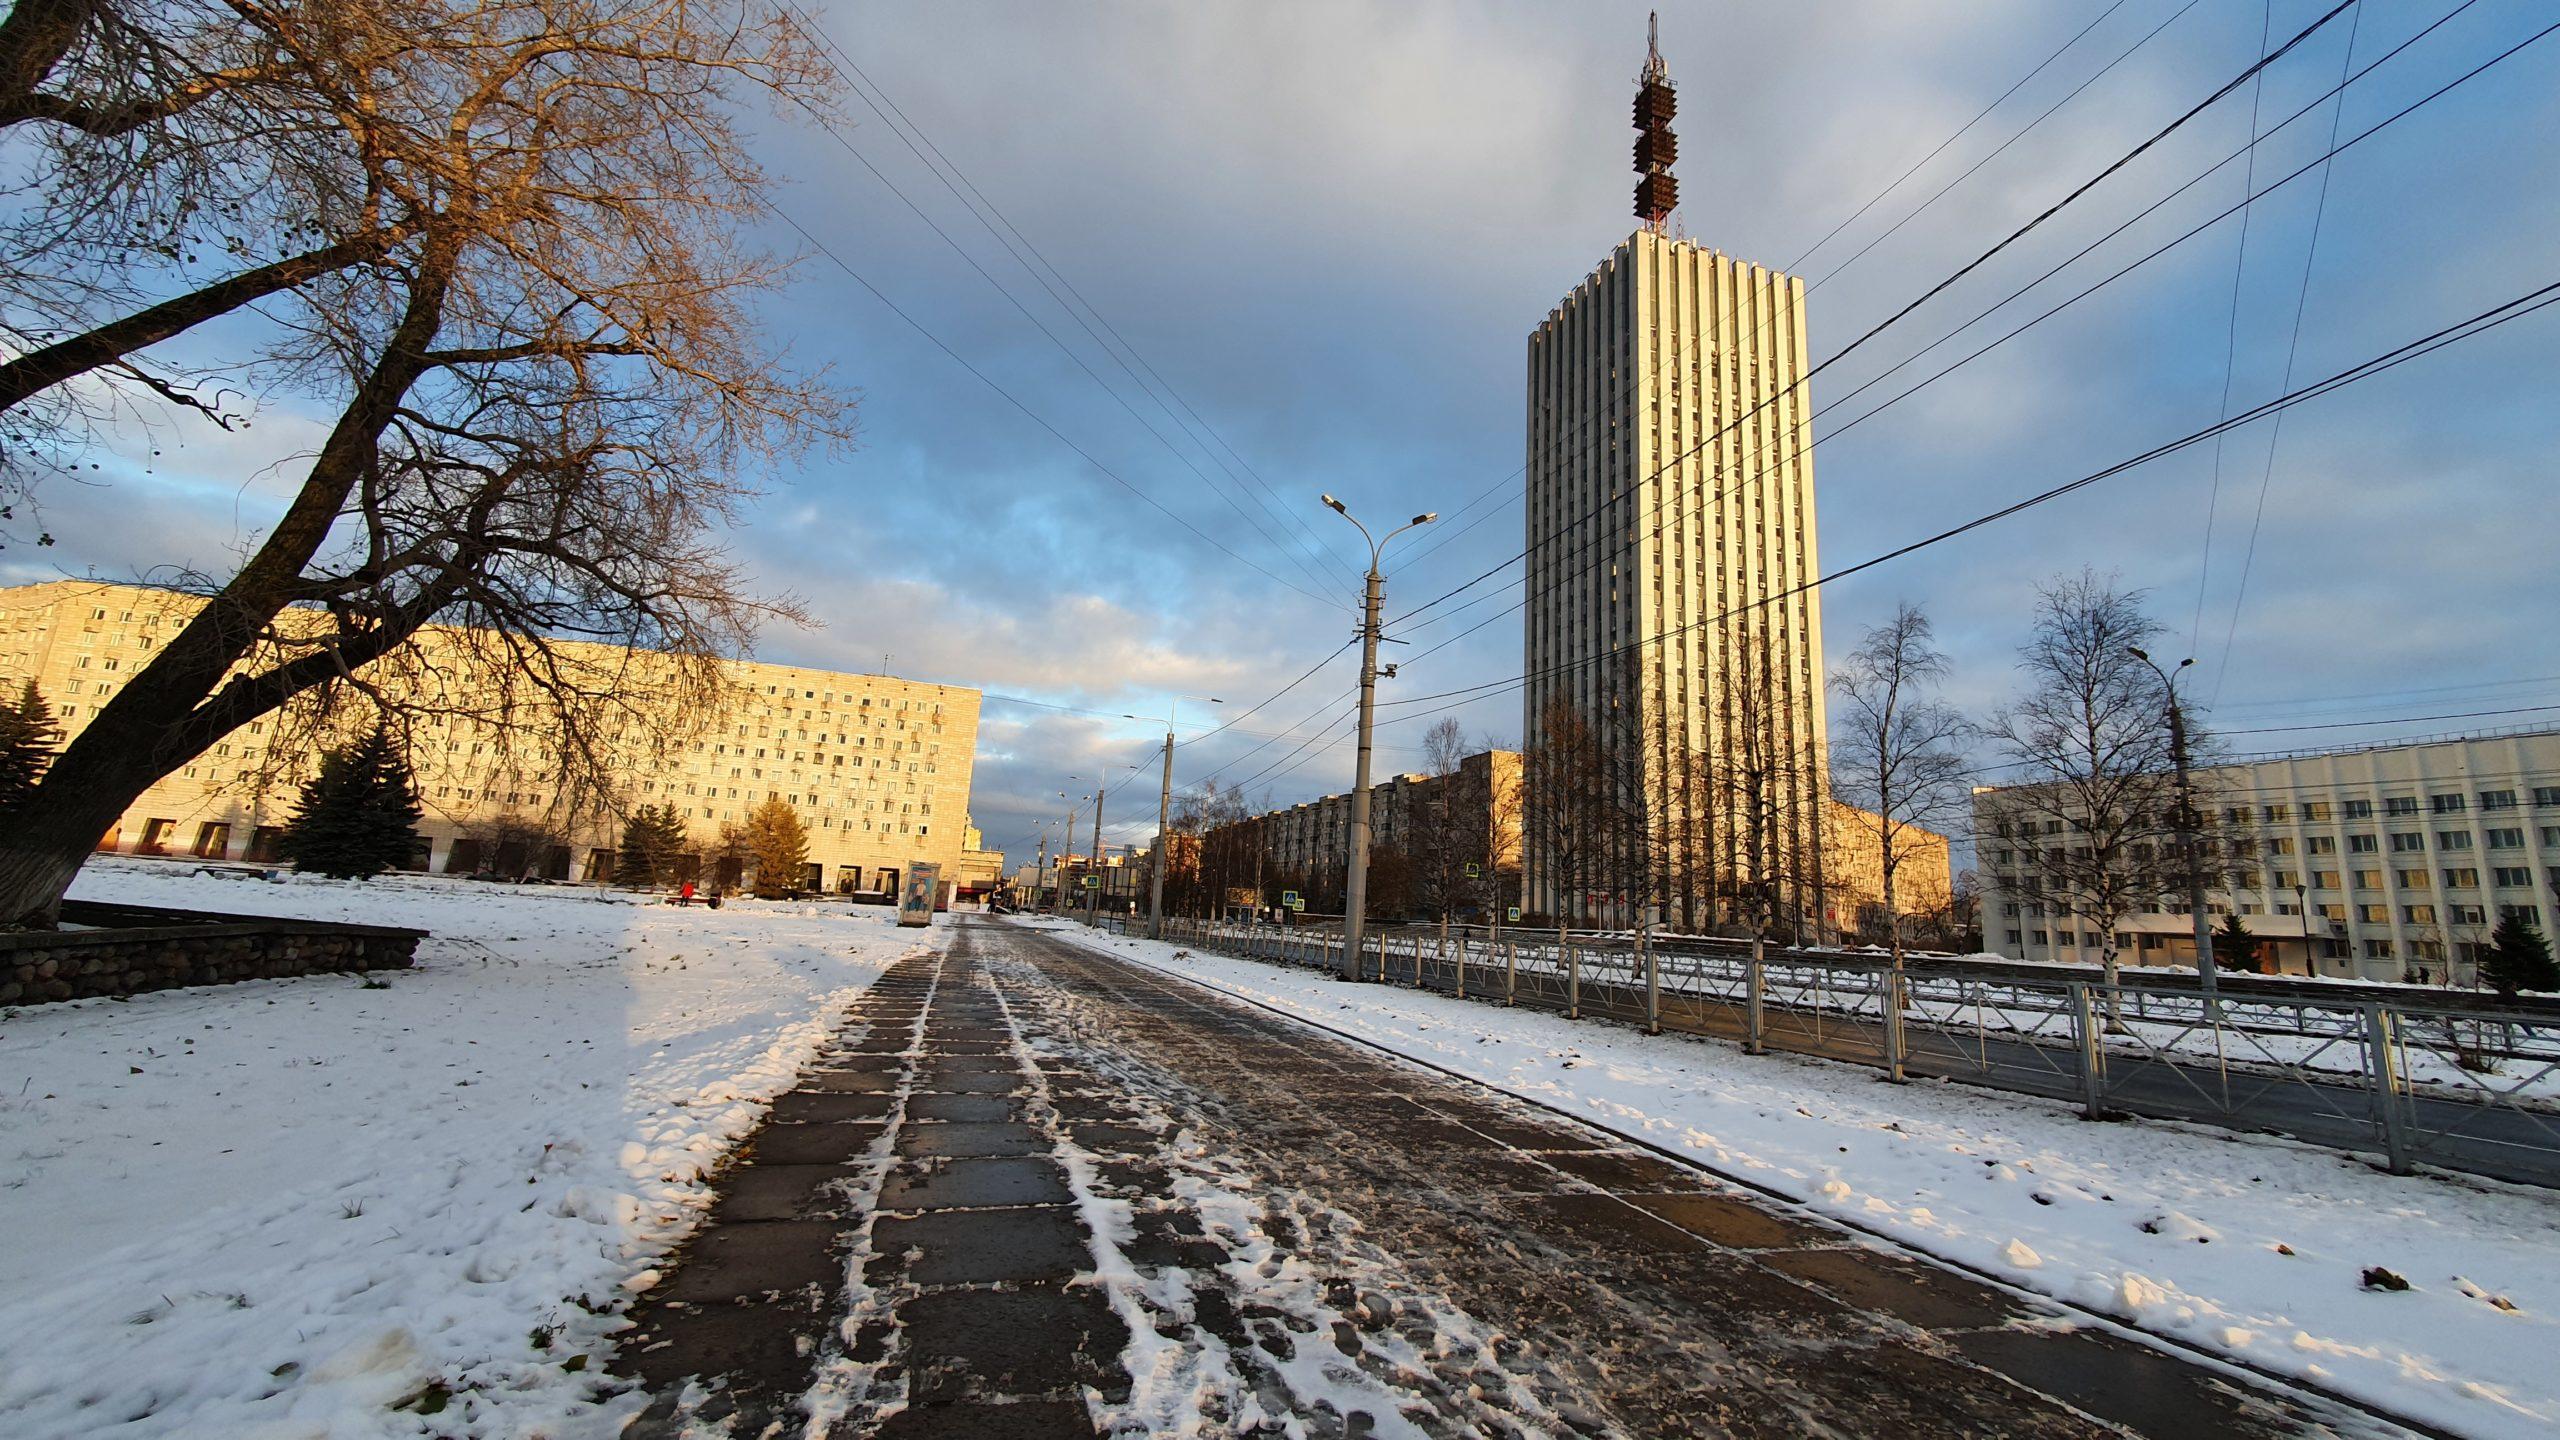 Я сваливаю из Архангельска